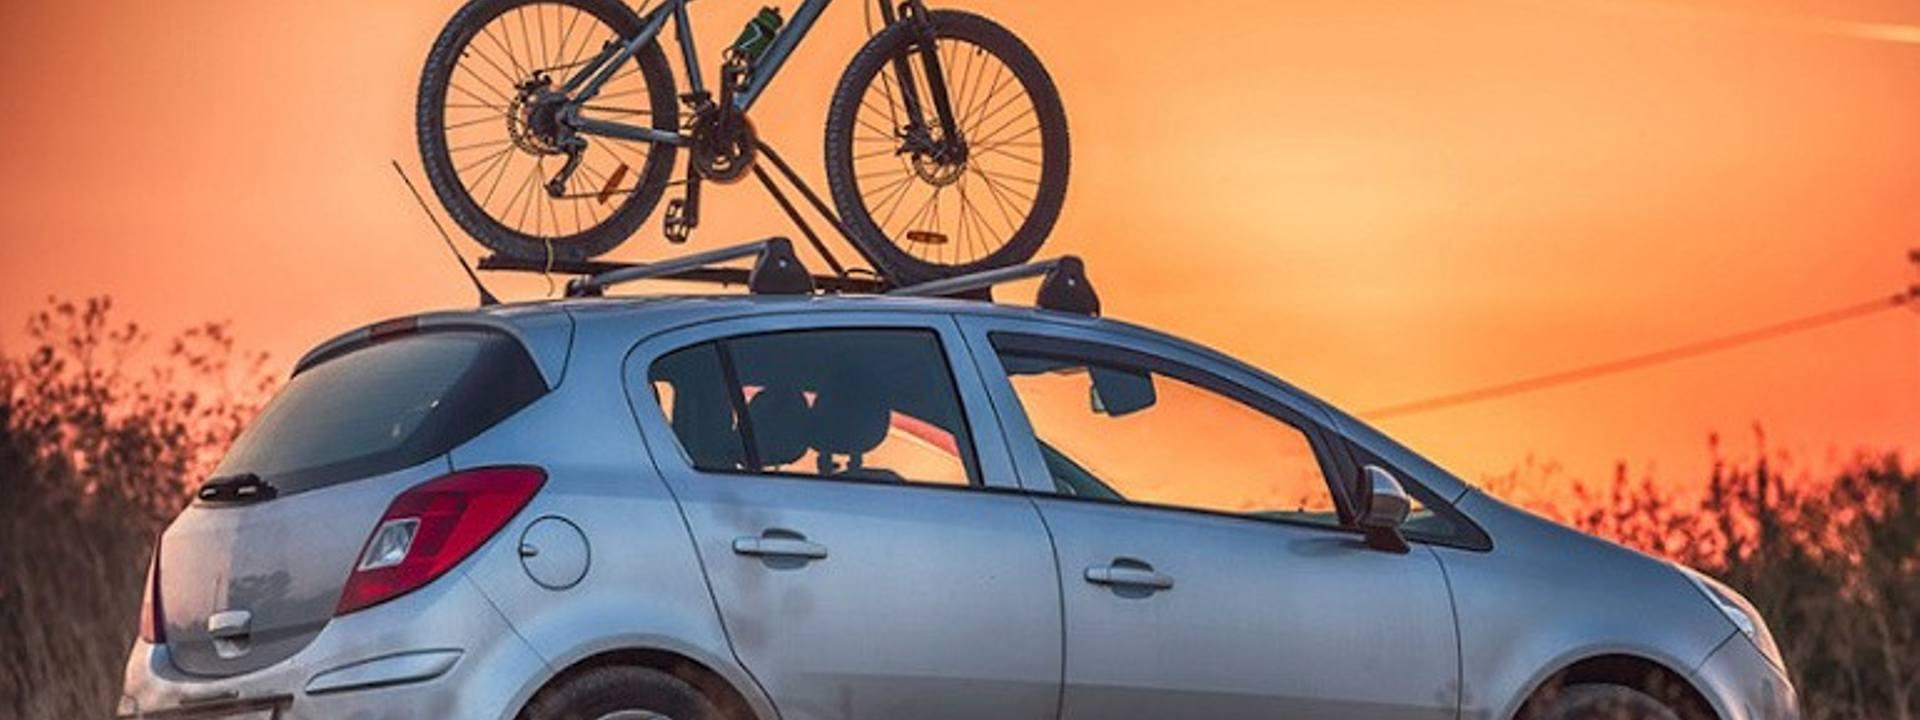 Wakacje w Polsce 2020 – wybierz odpowiednie trasy rowerowe i odpowiedni bagażnik rowerowy